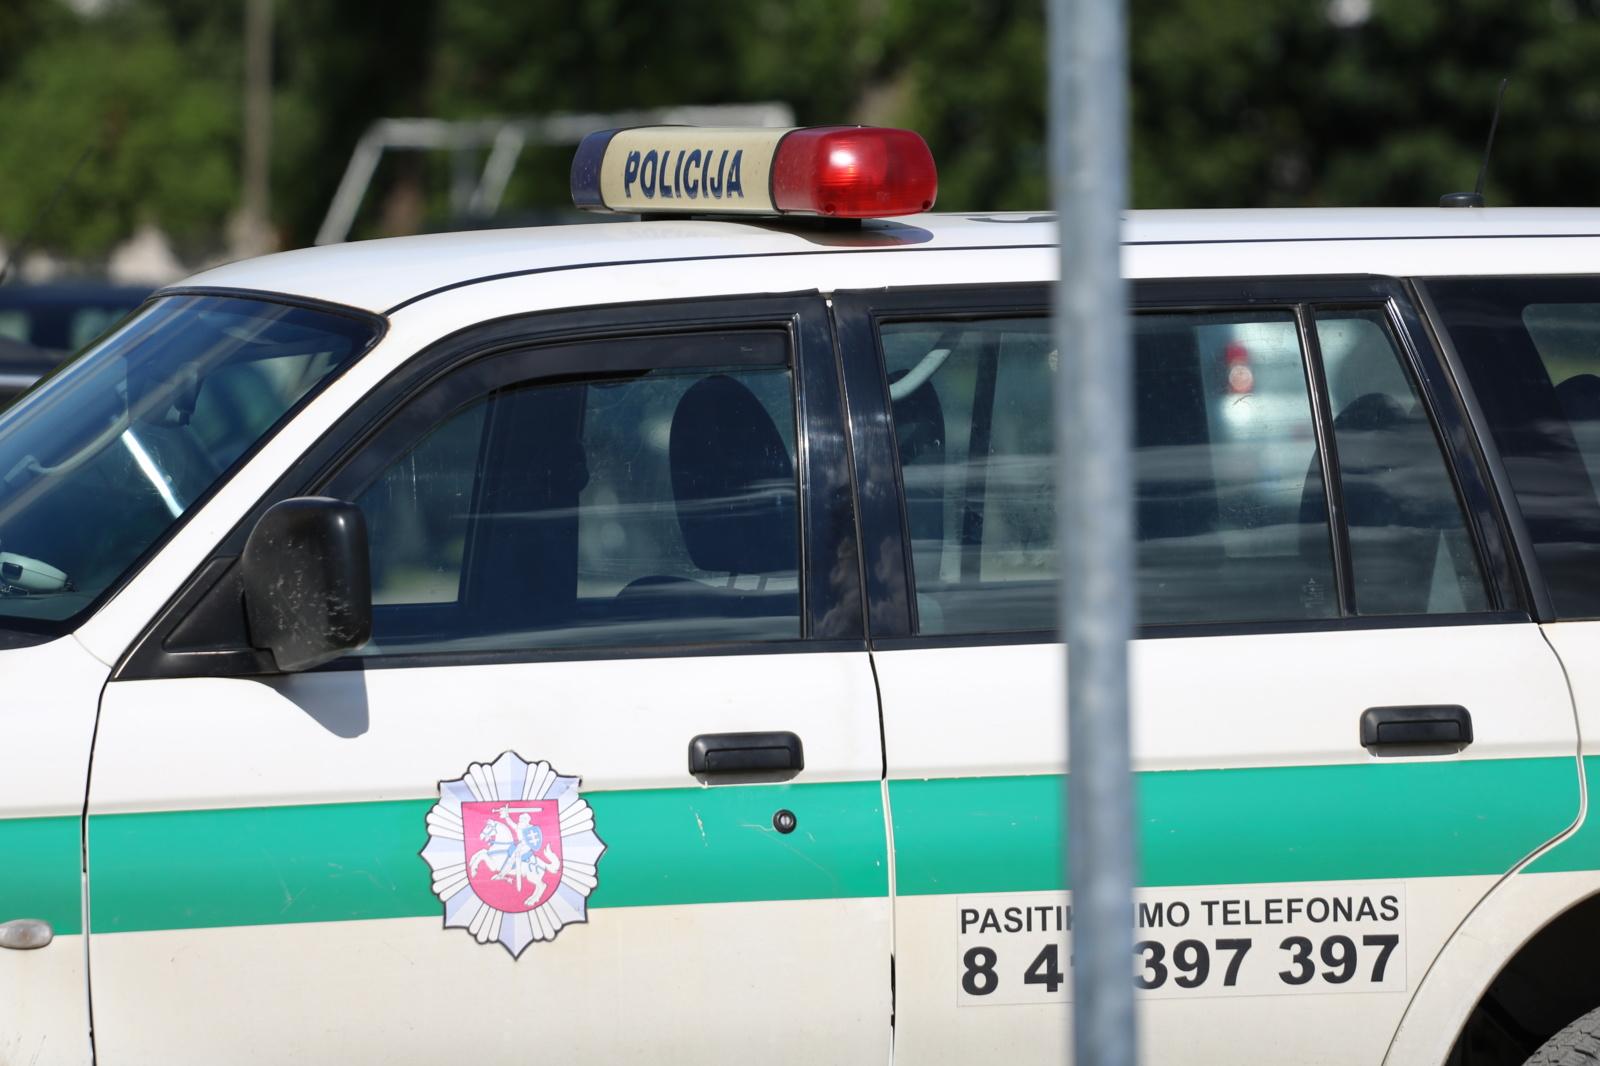 Ketvirtadienį šalyje įvyko 11 eismo įvykių, juose nukentėjo 12 žmonių